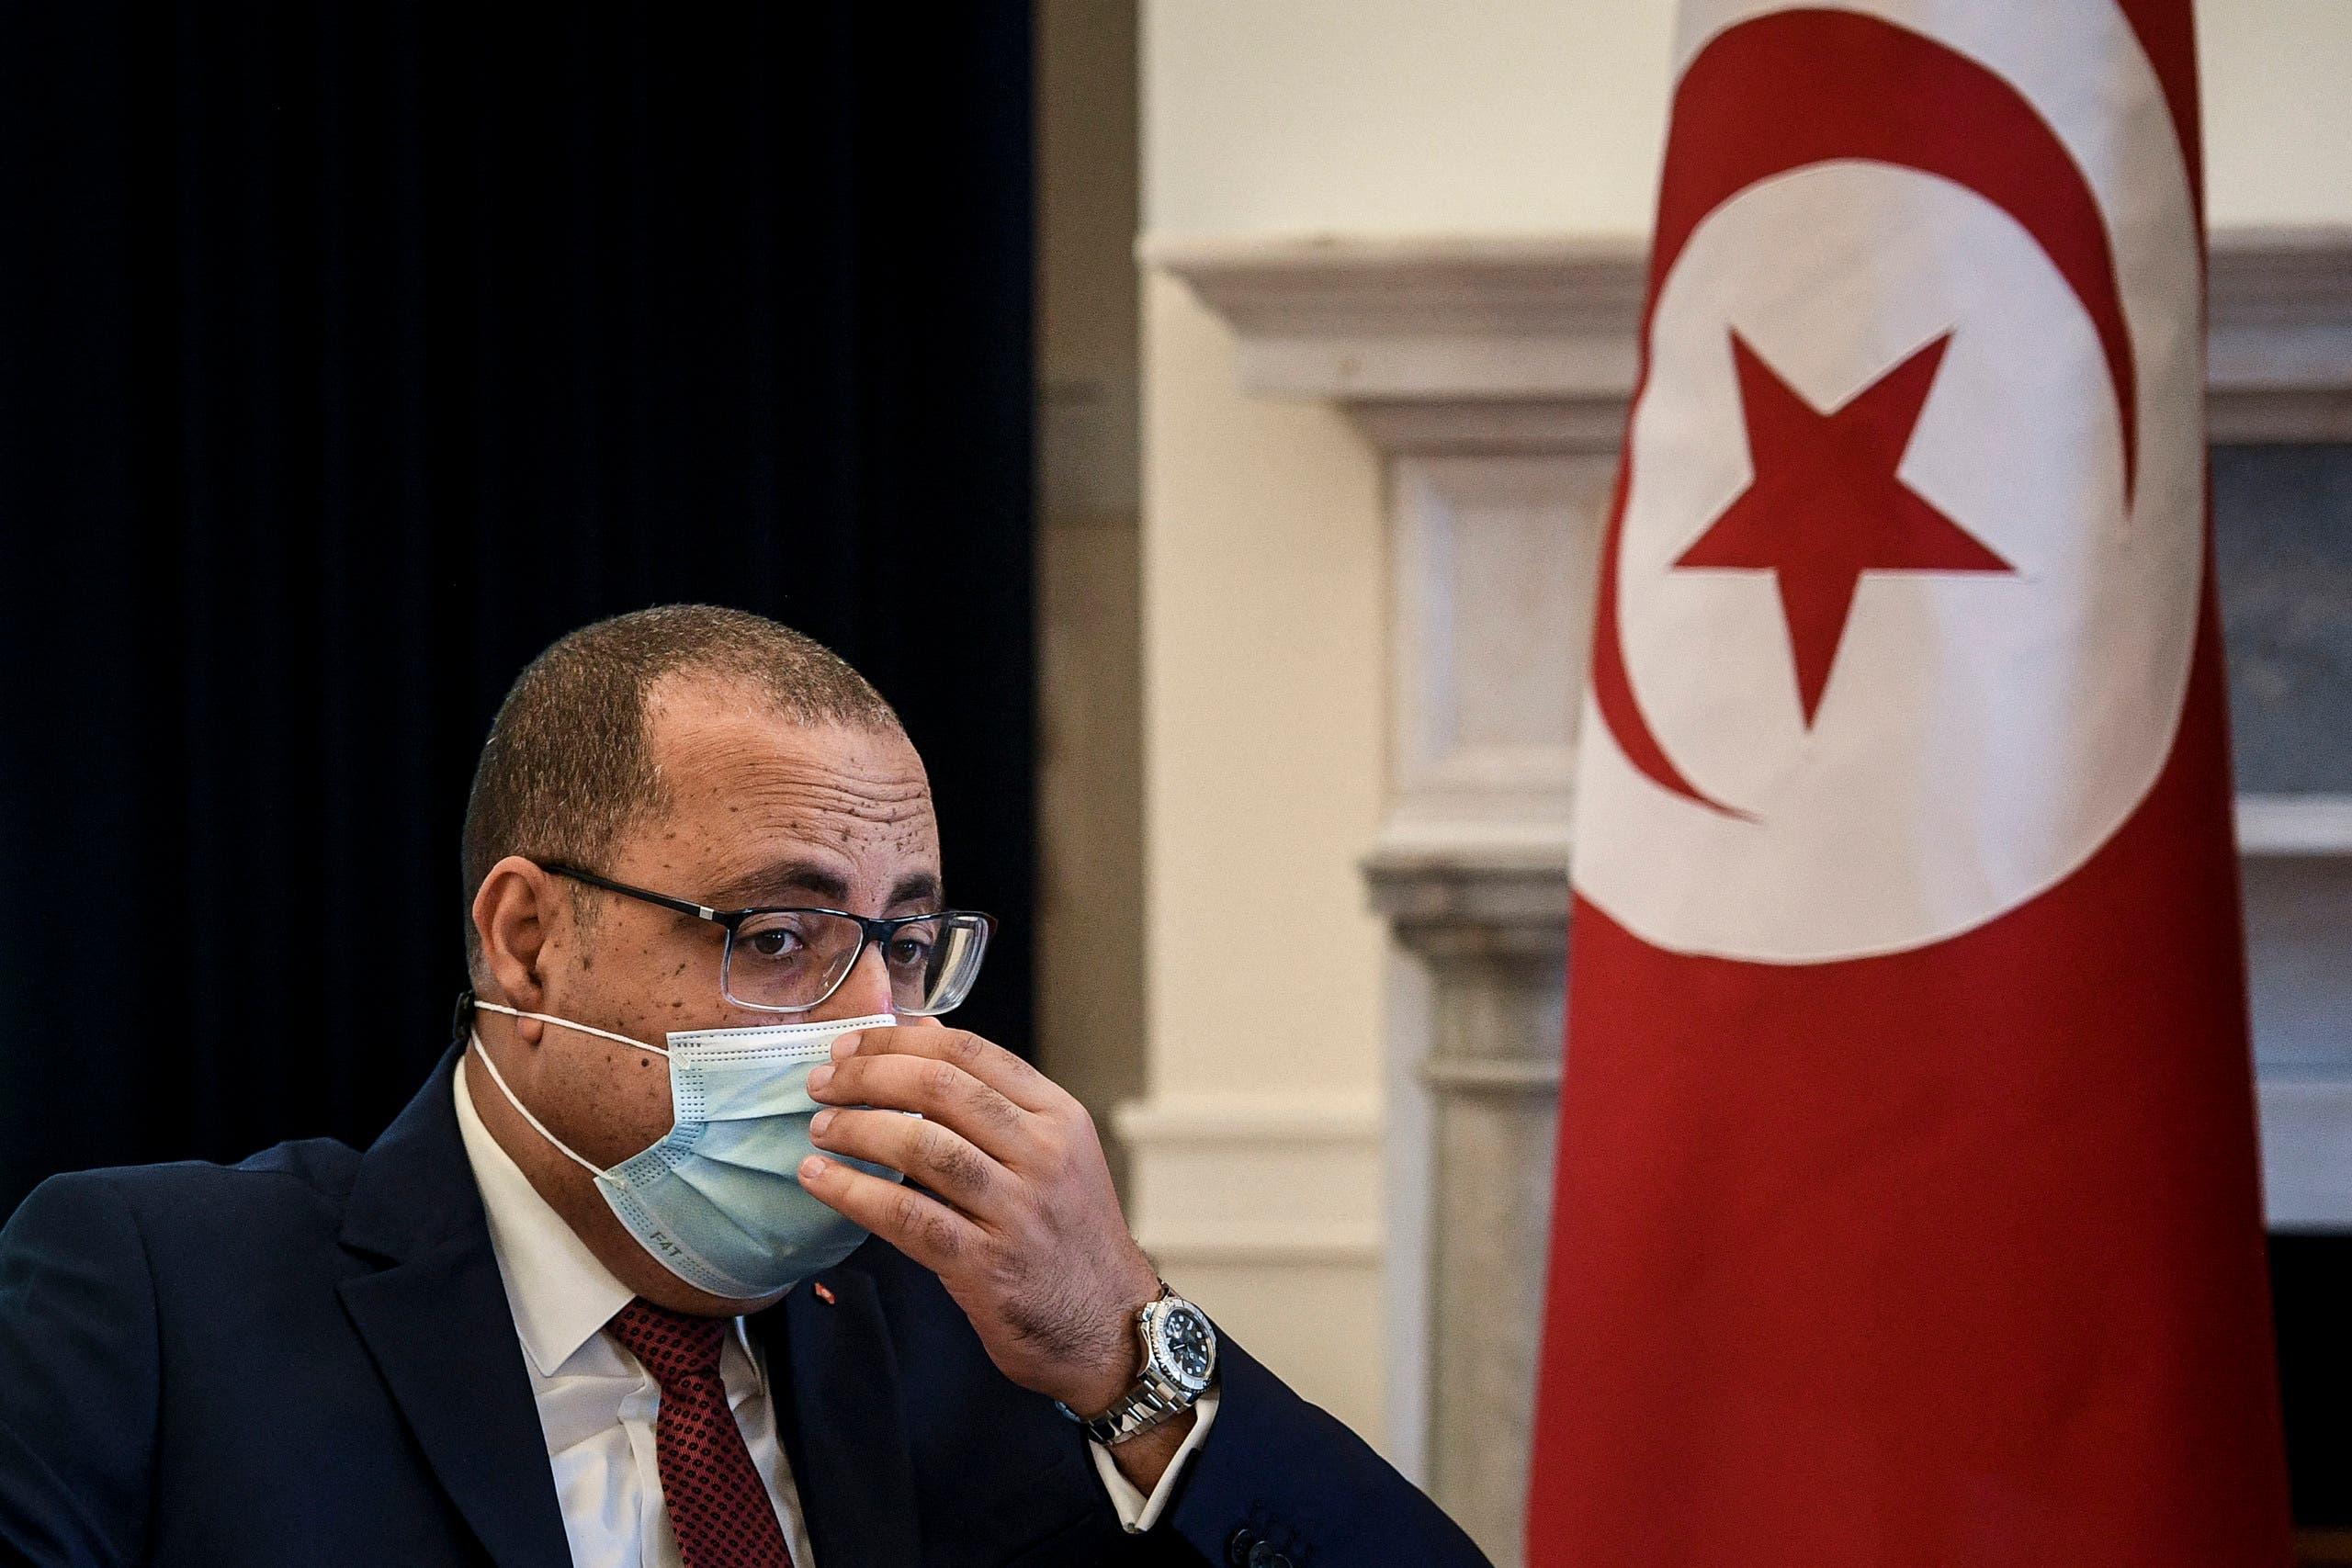 هشام المشيشي رئيس الحكومة التونسية المقال(أرشيفية- فرانس برس)